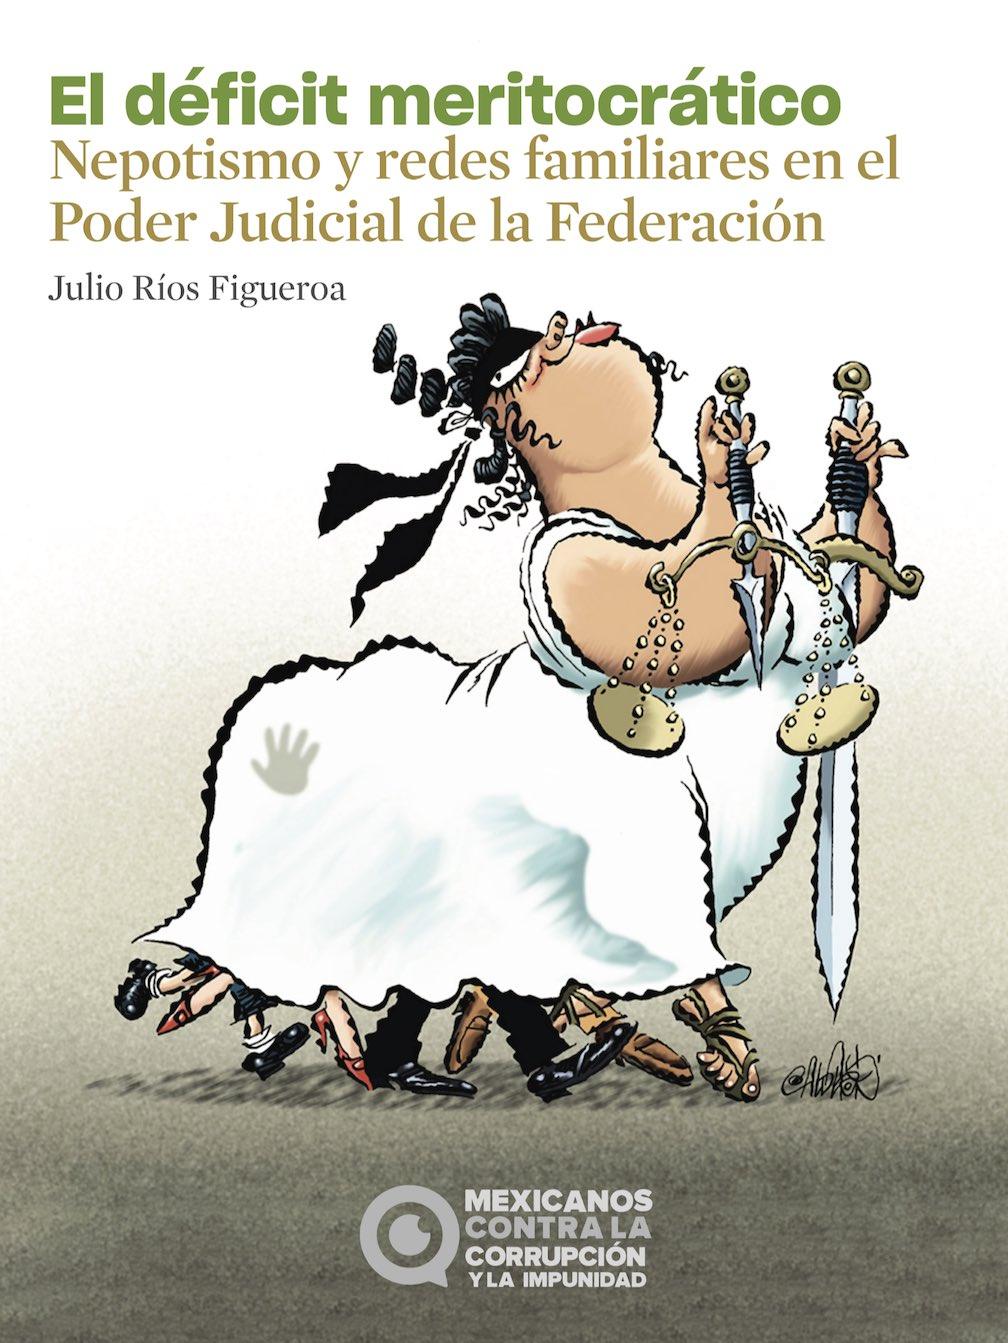 ciudad de mxico a 26 de enero de 2018 comisin de gobierno de la asamblea legislativa del distrito federal comisin de transparencia y combate a la